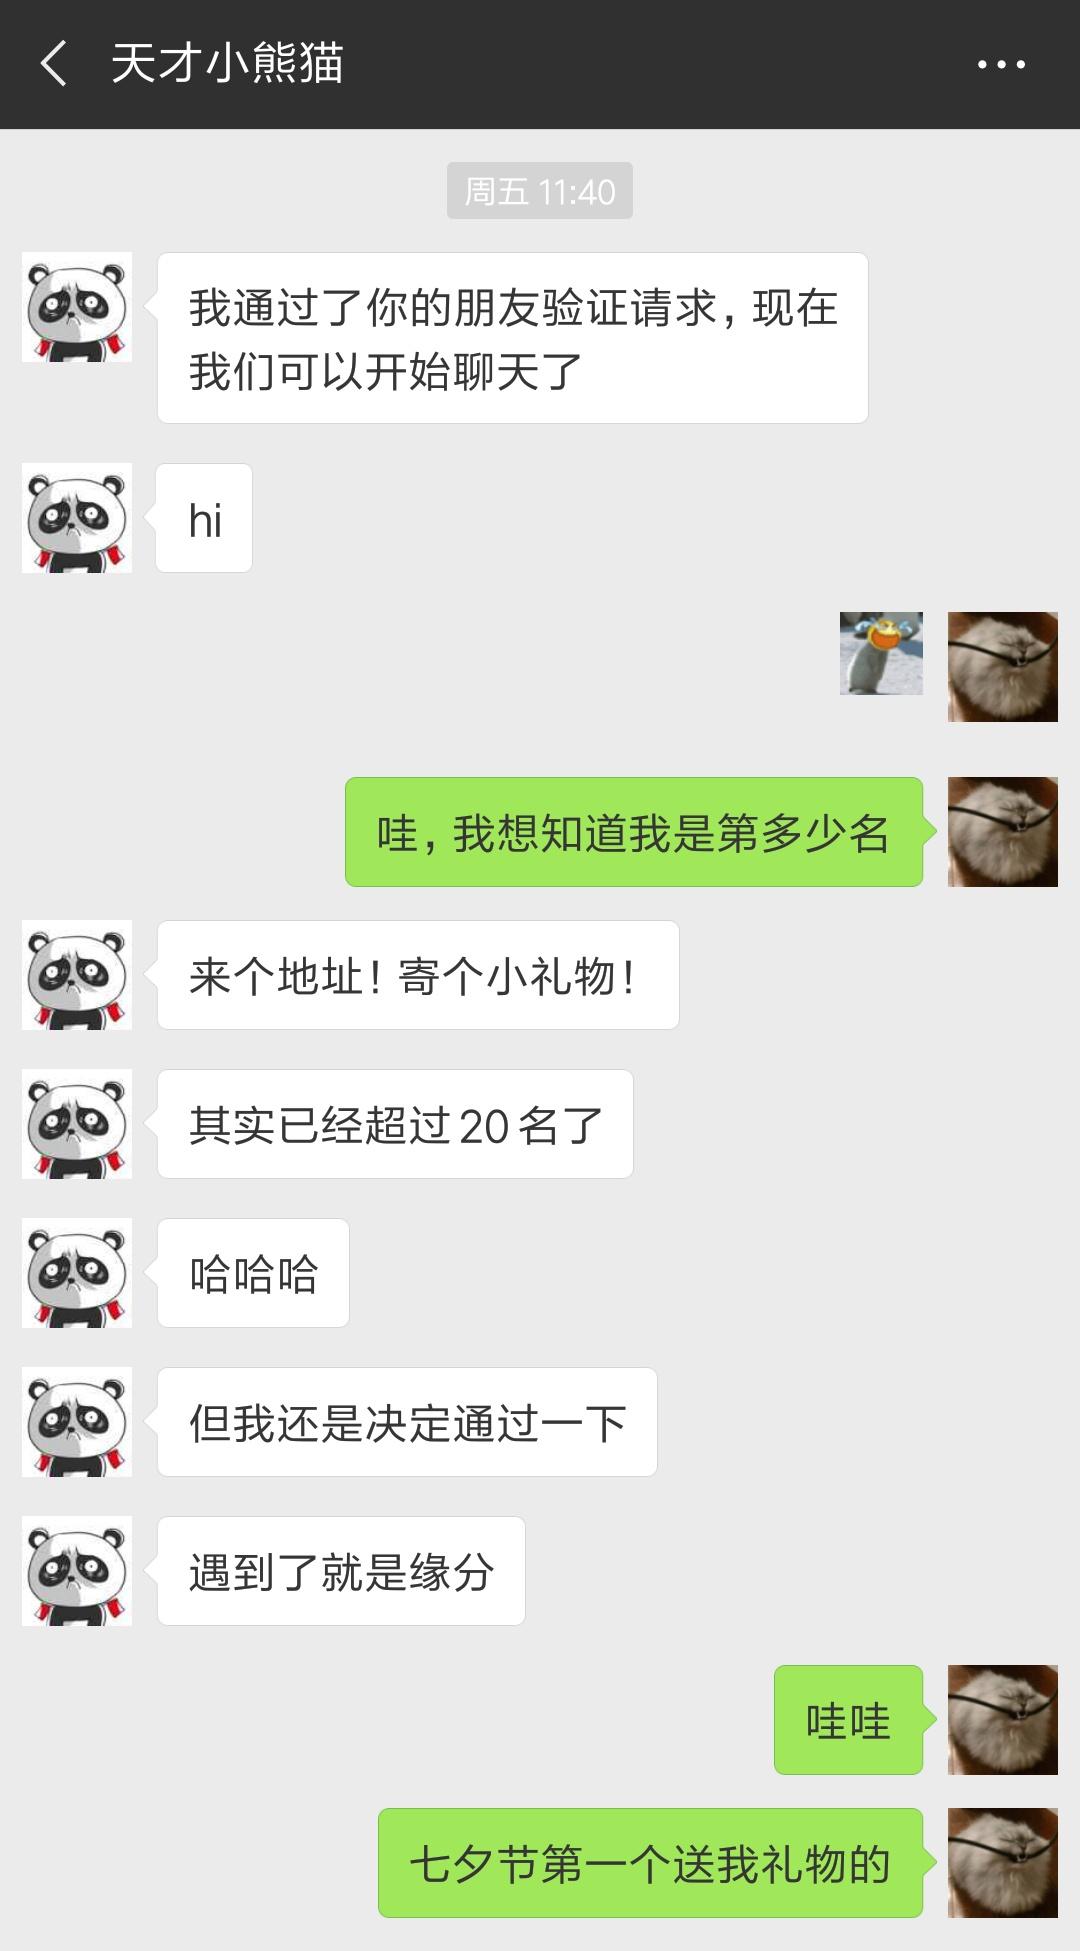 Screenshot_2018-08-19-21-18-19-000_com.tencent.mm.png